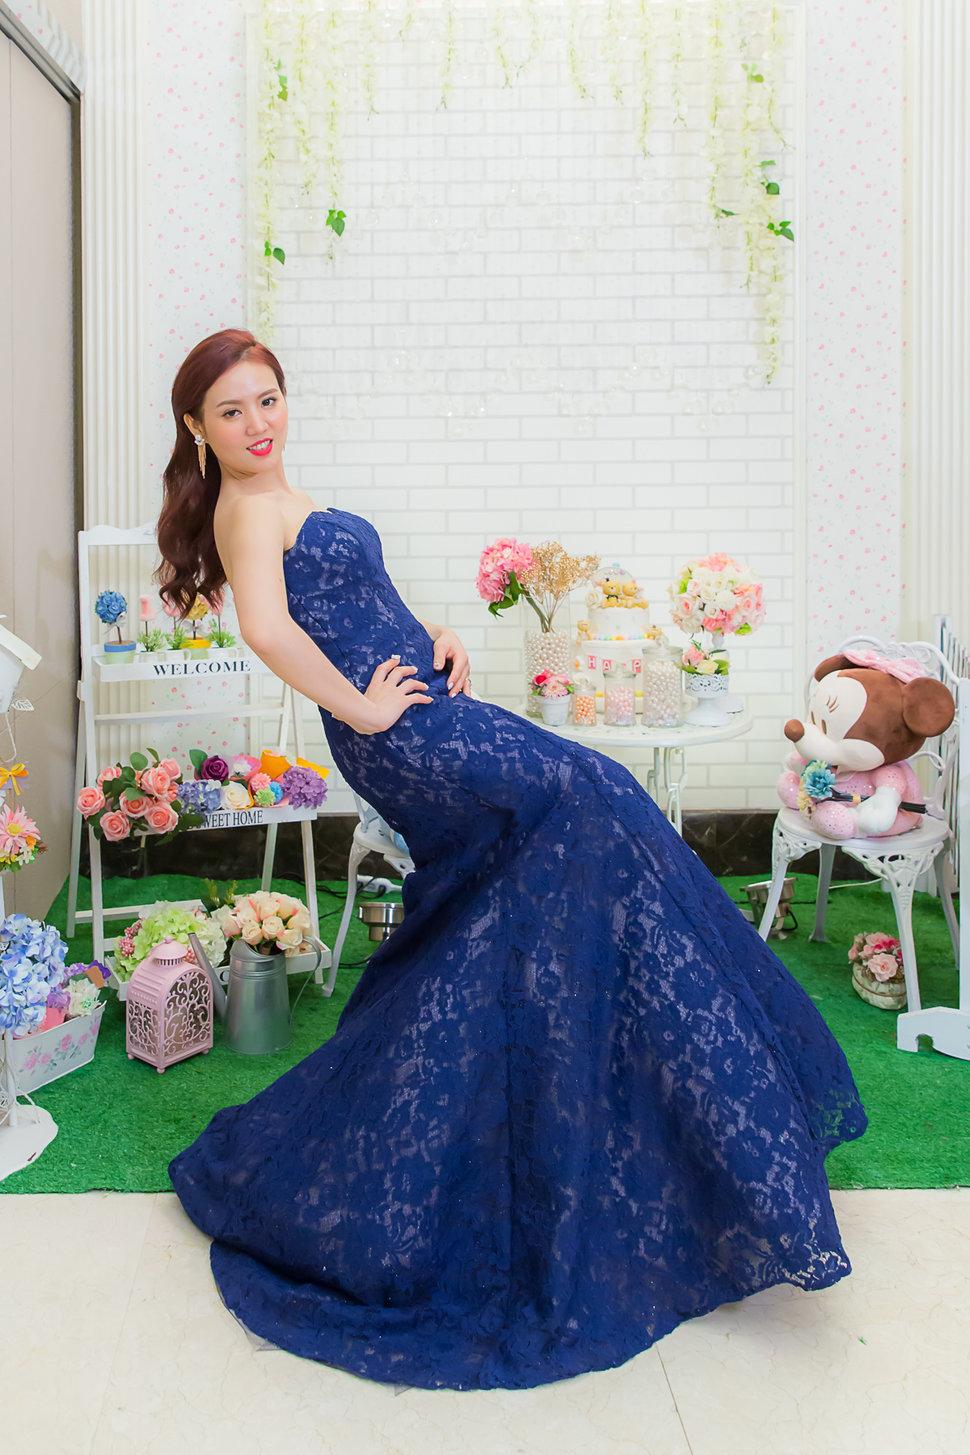 俊穎&宜君_文定迎娶_蘆洲富基婚宴會館(編號:288662) - Baby Sweety Studio - 結婚吧一站式婚禮服務平台